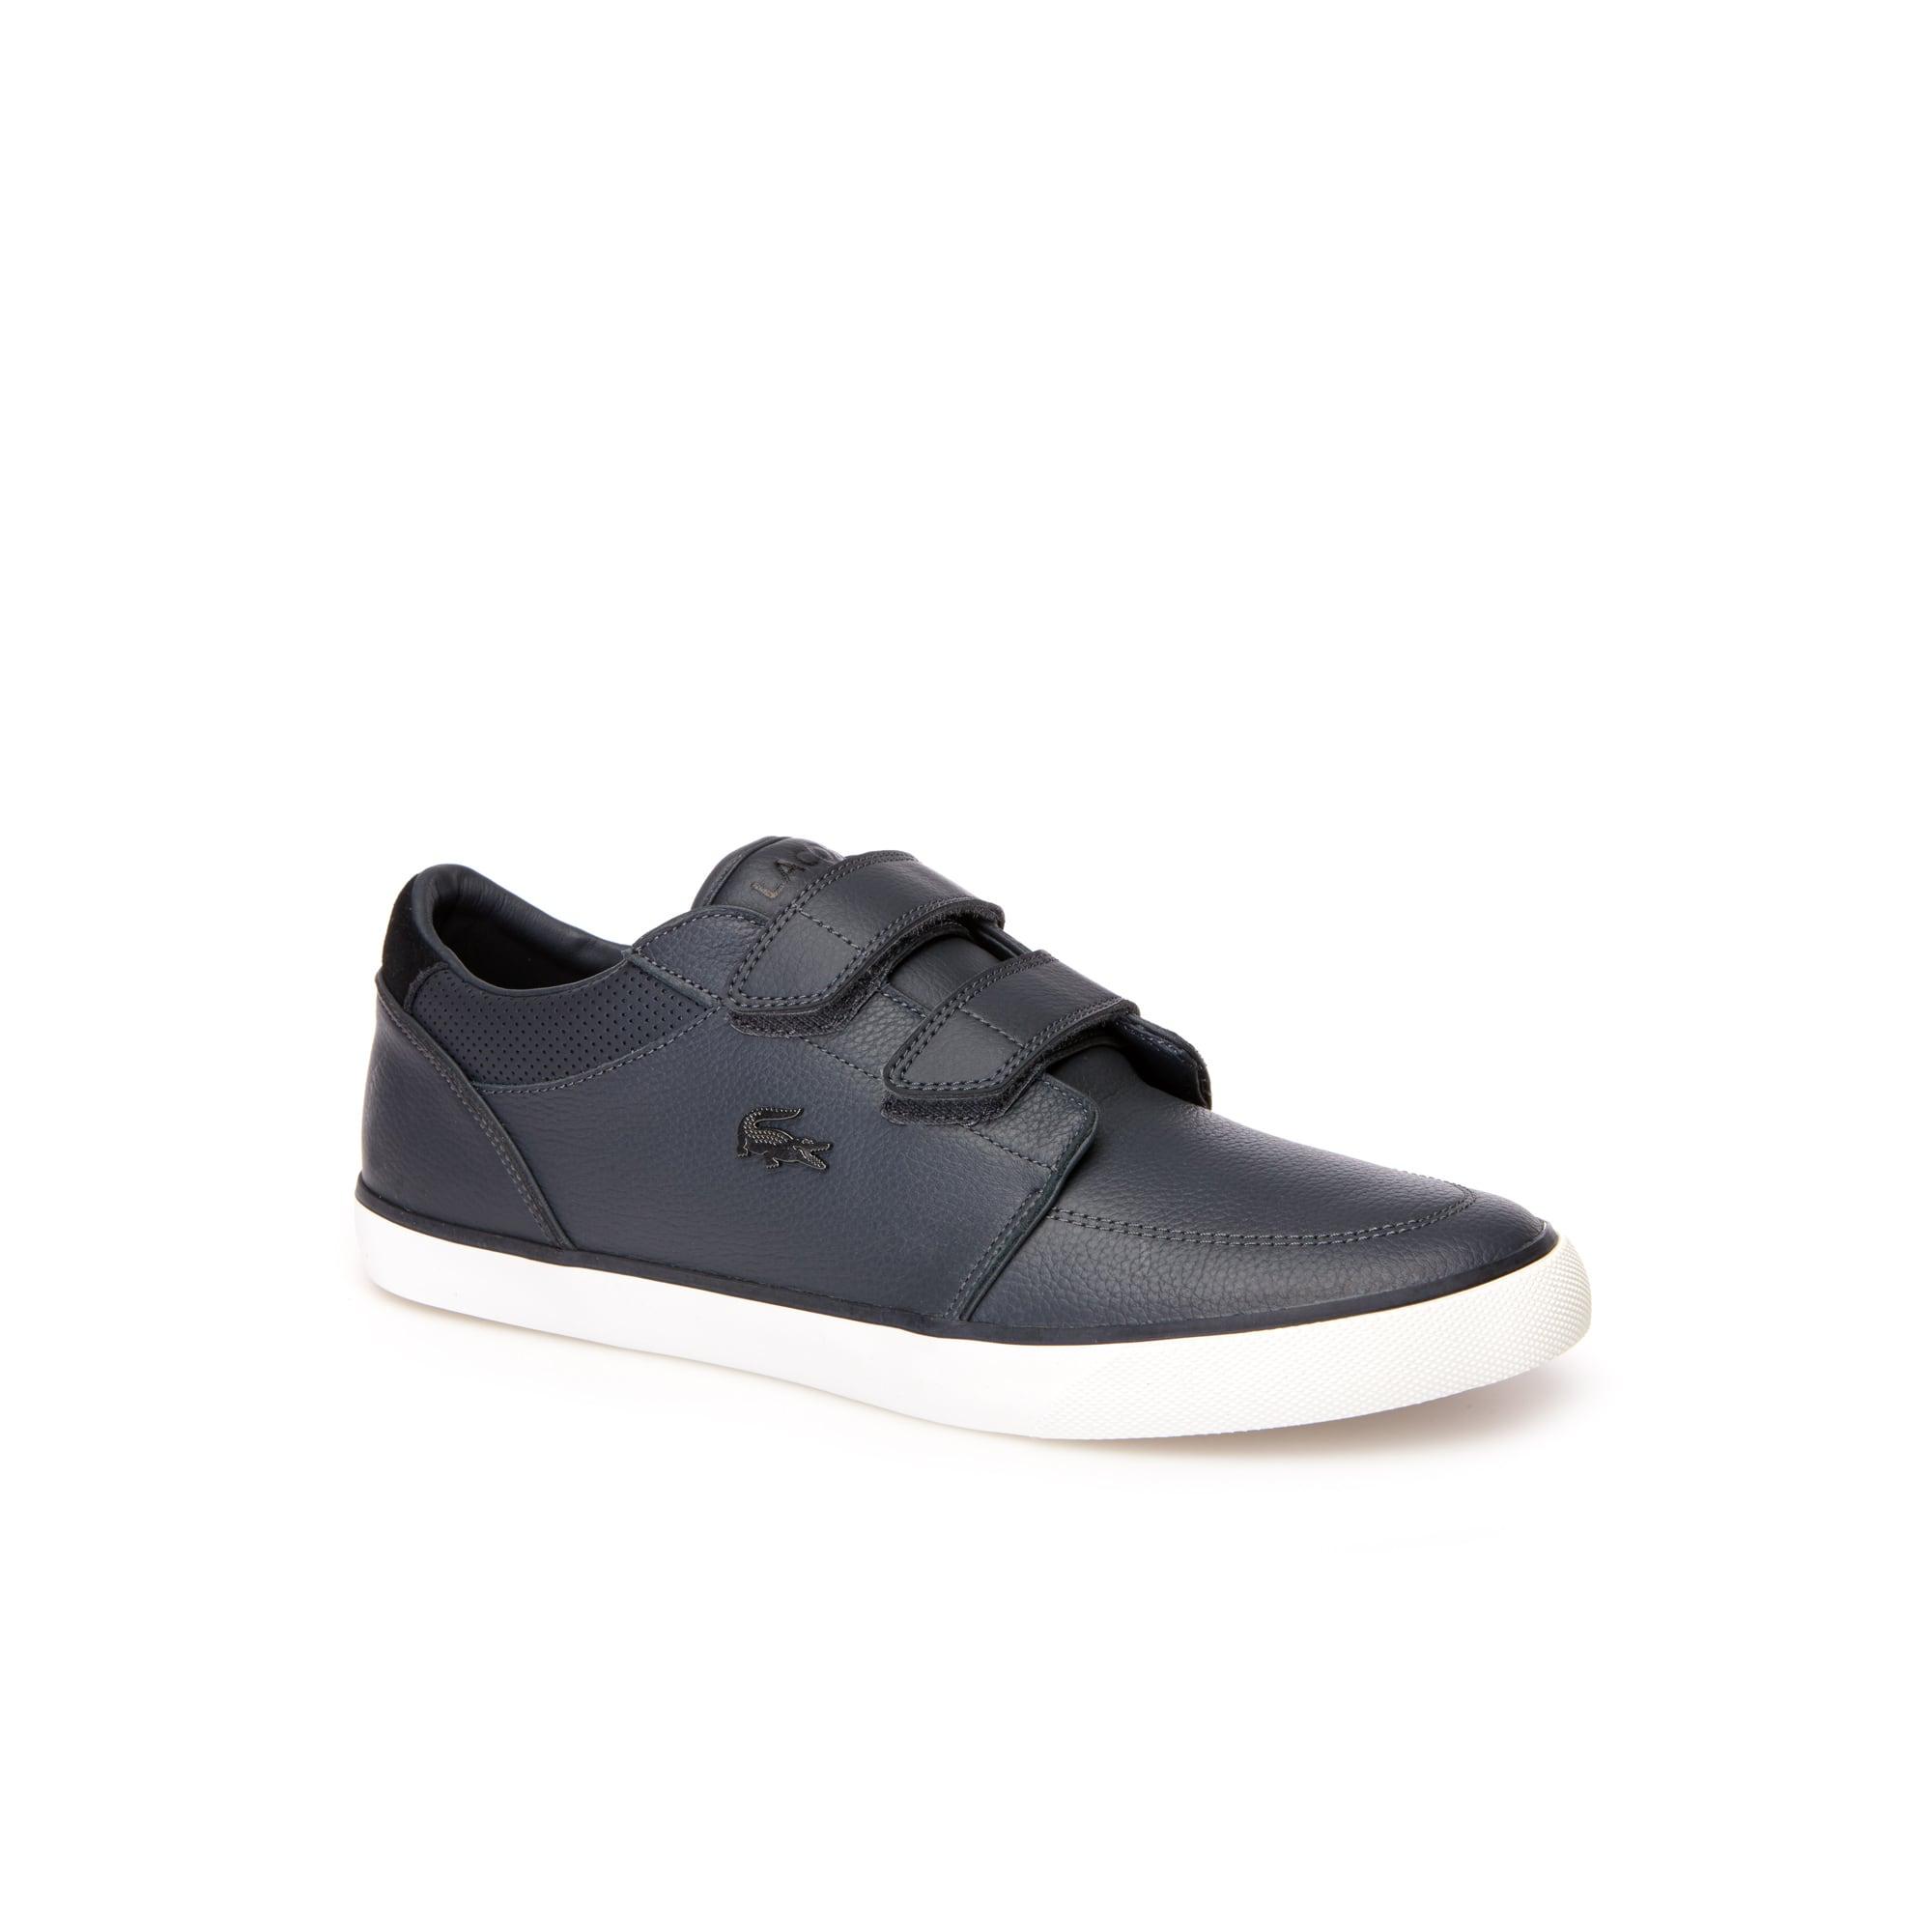 26e6a4dc850928 Men s Shoes on Sale